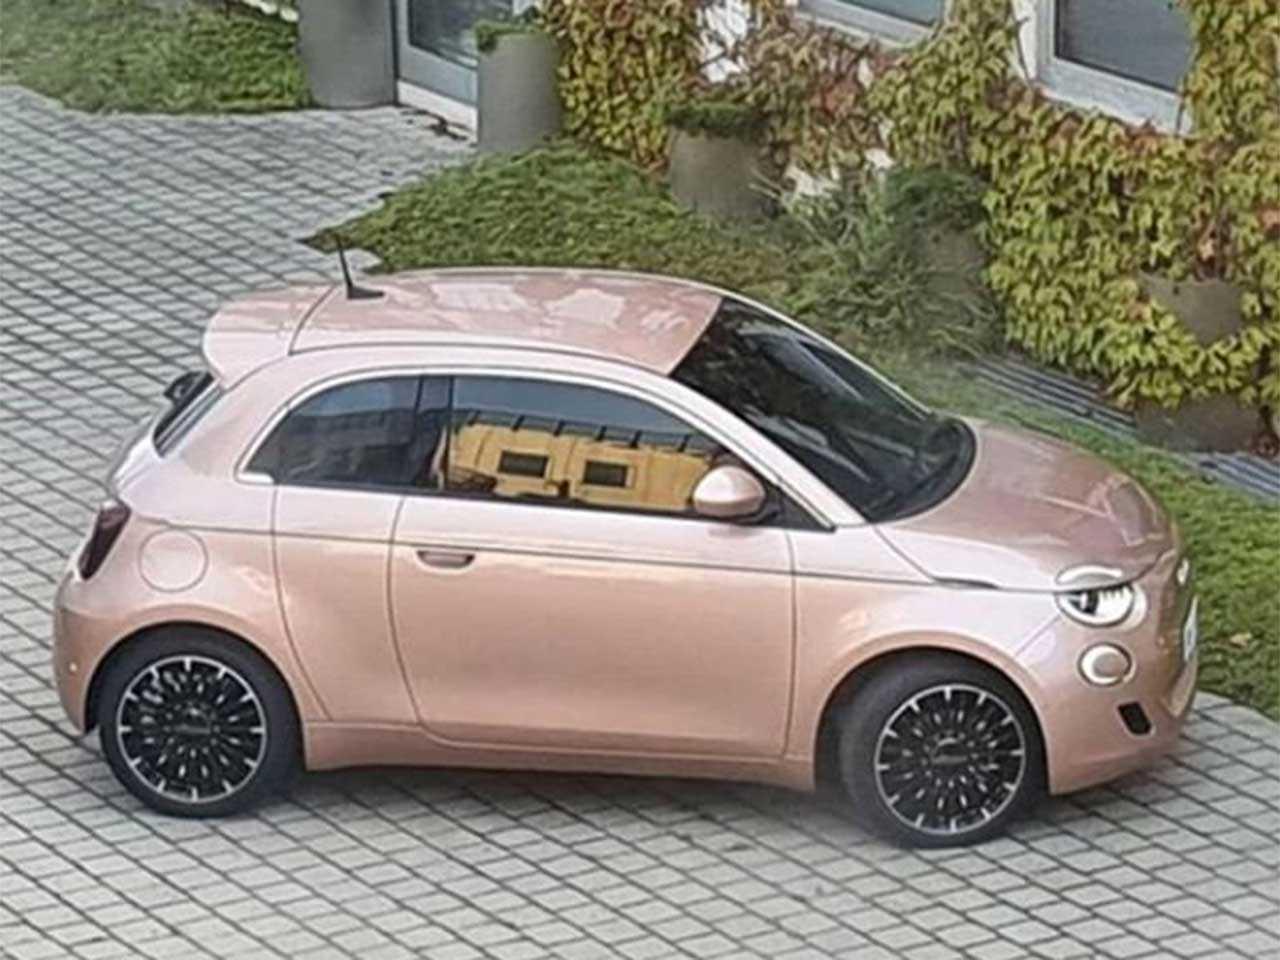 Flagra do Fiat 500 três portas